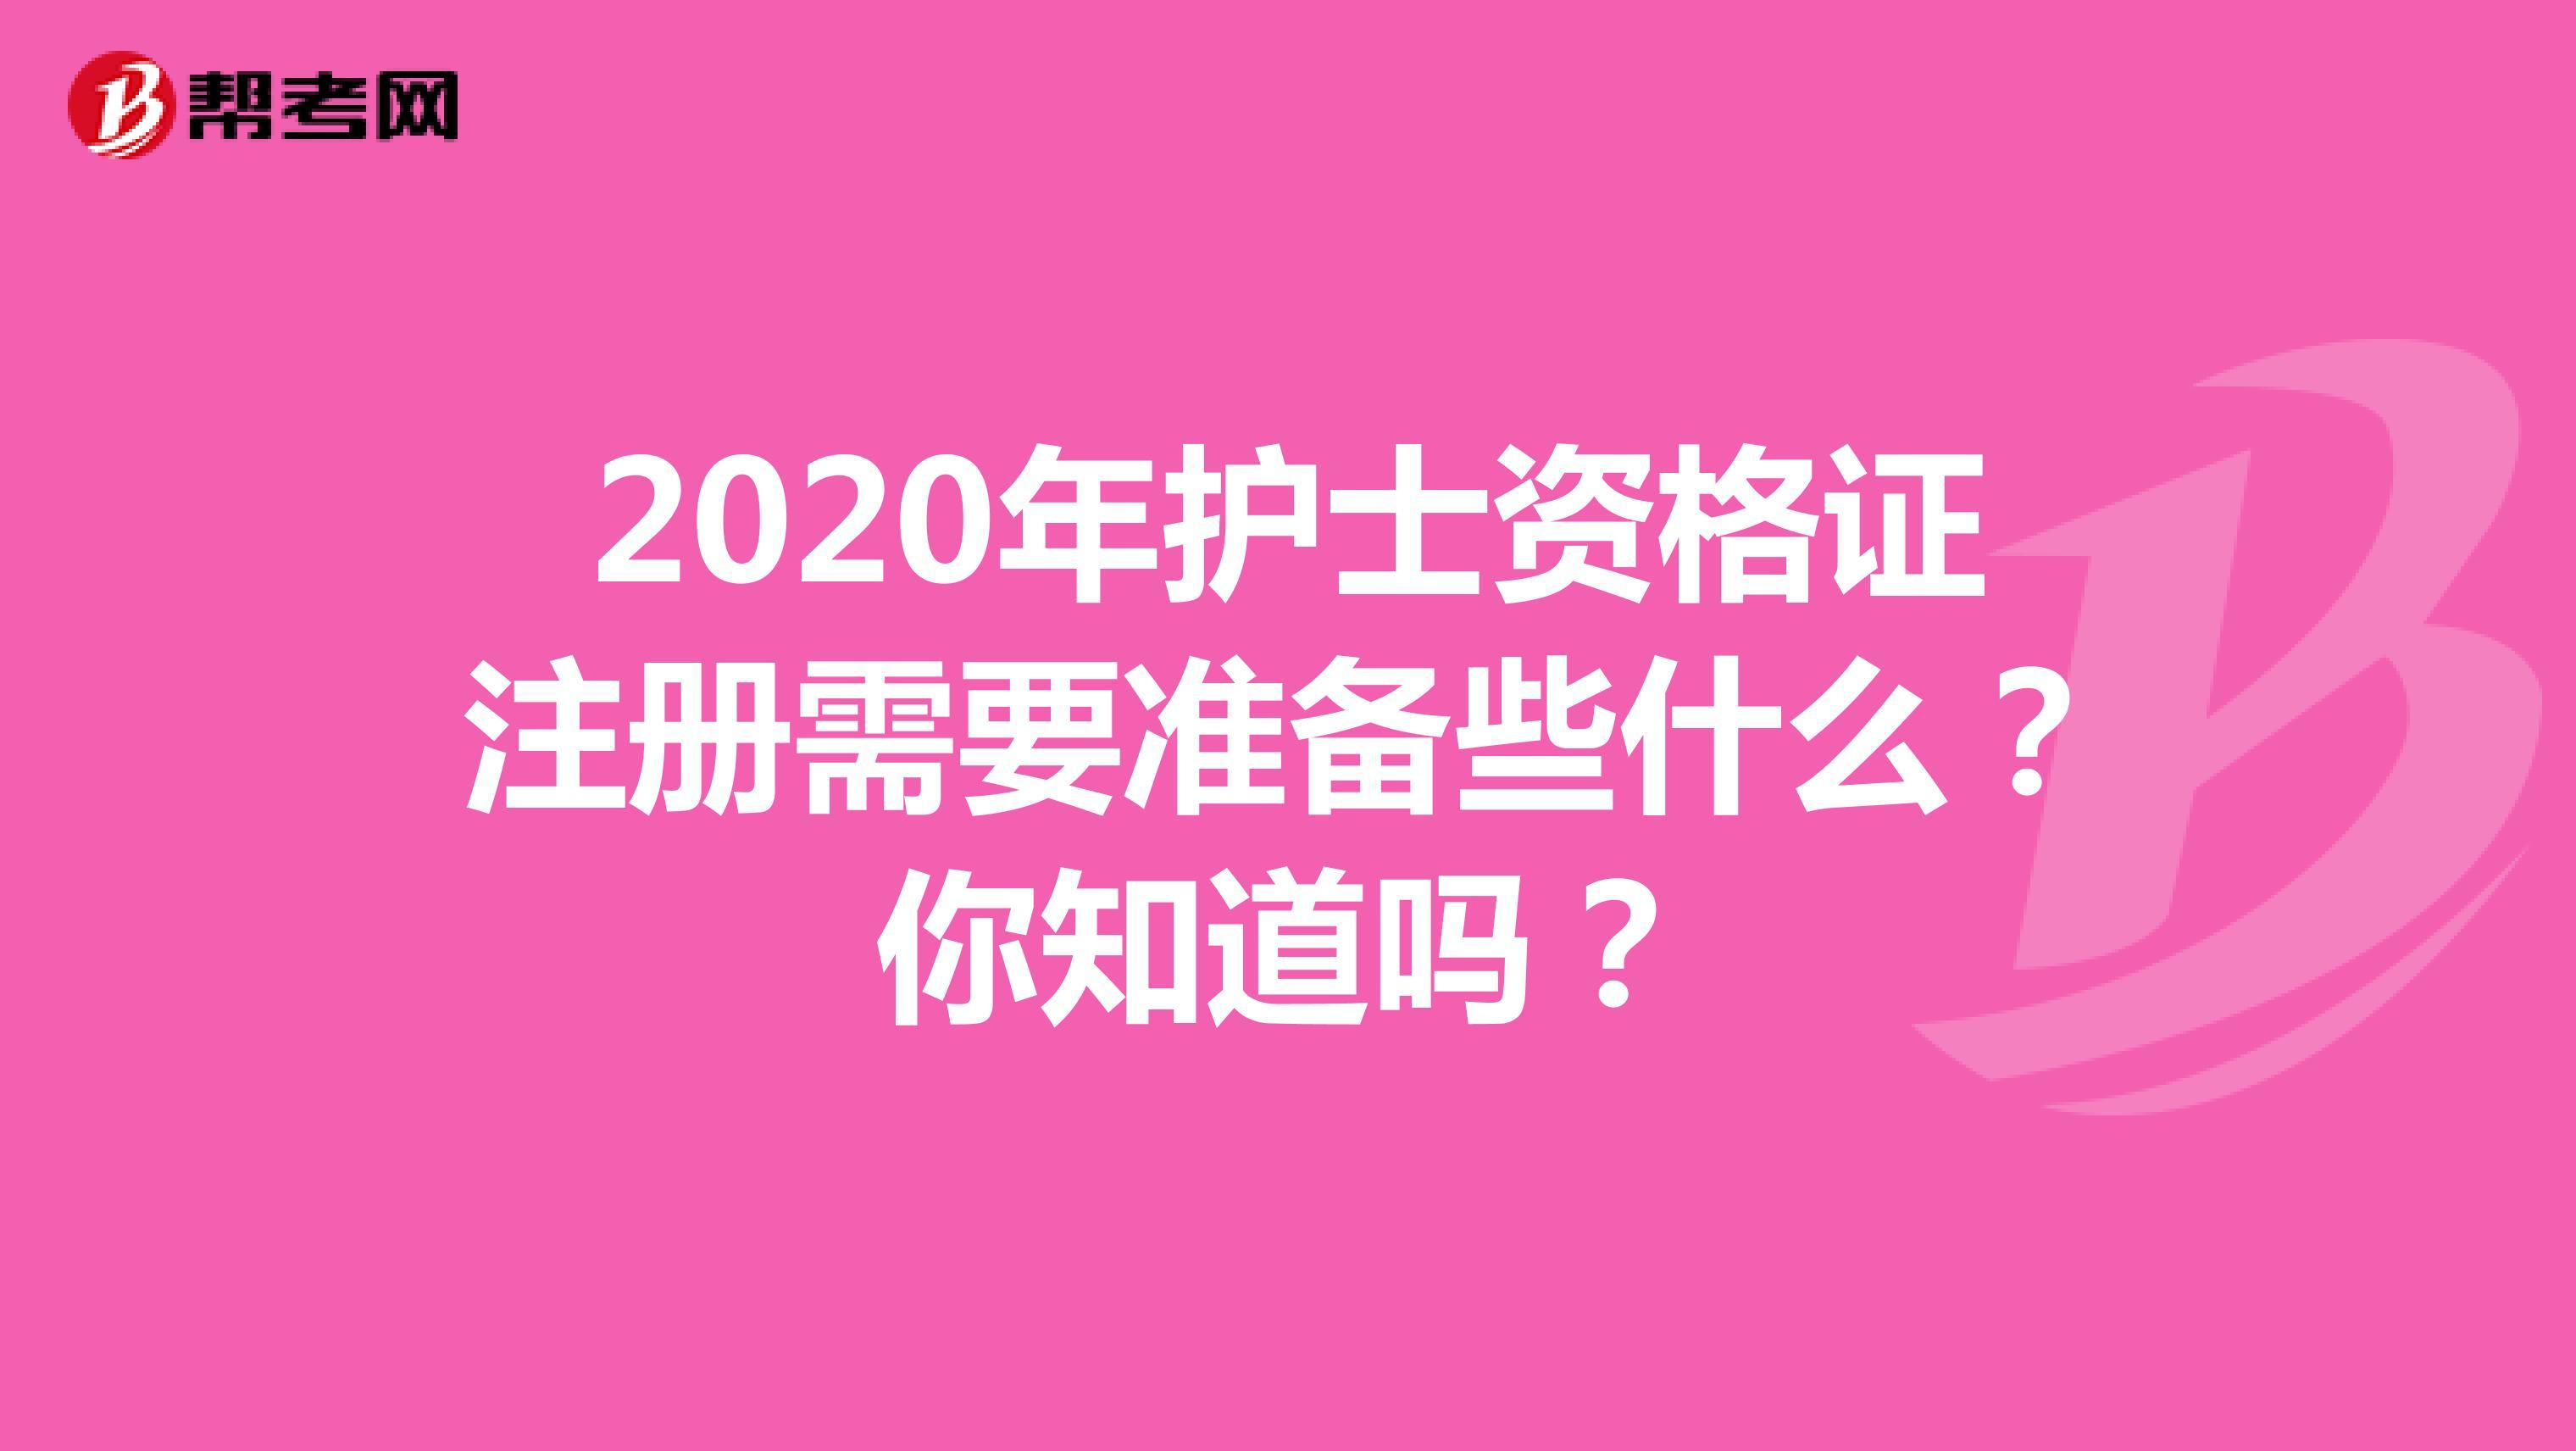 2020年护士资格证注册需要准备些什么?你知道吗?